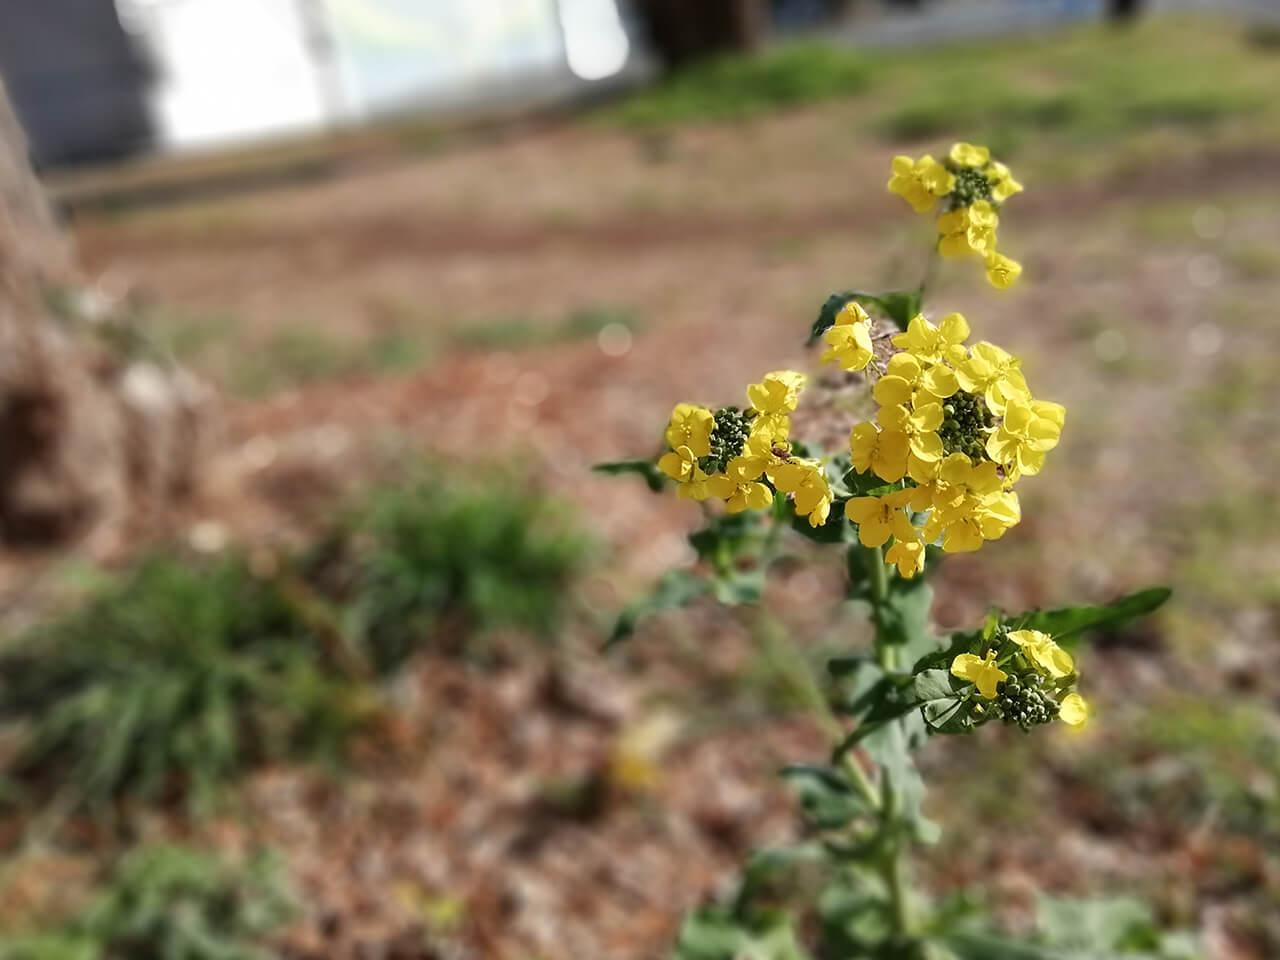 honor 9 Liteのワイドアパーチャモードで撮影した菜の花の写真。完全に一眼で撮った写真みたい!